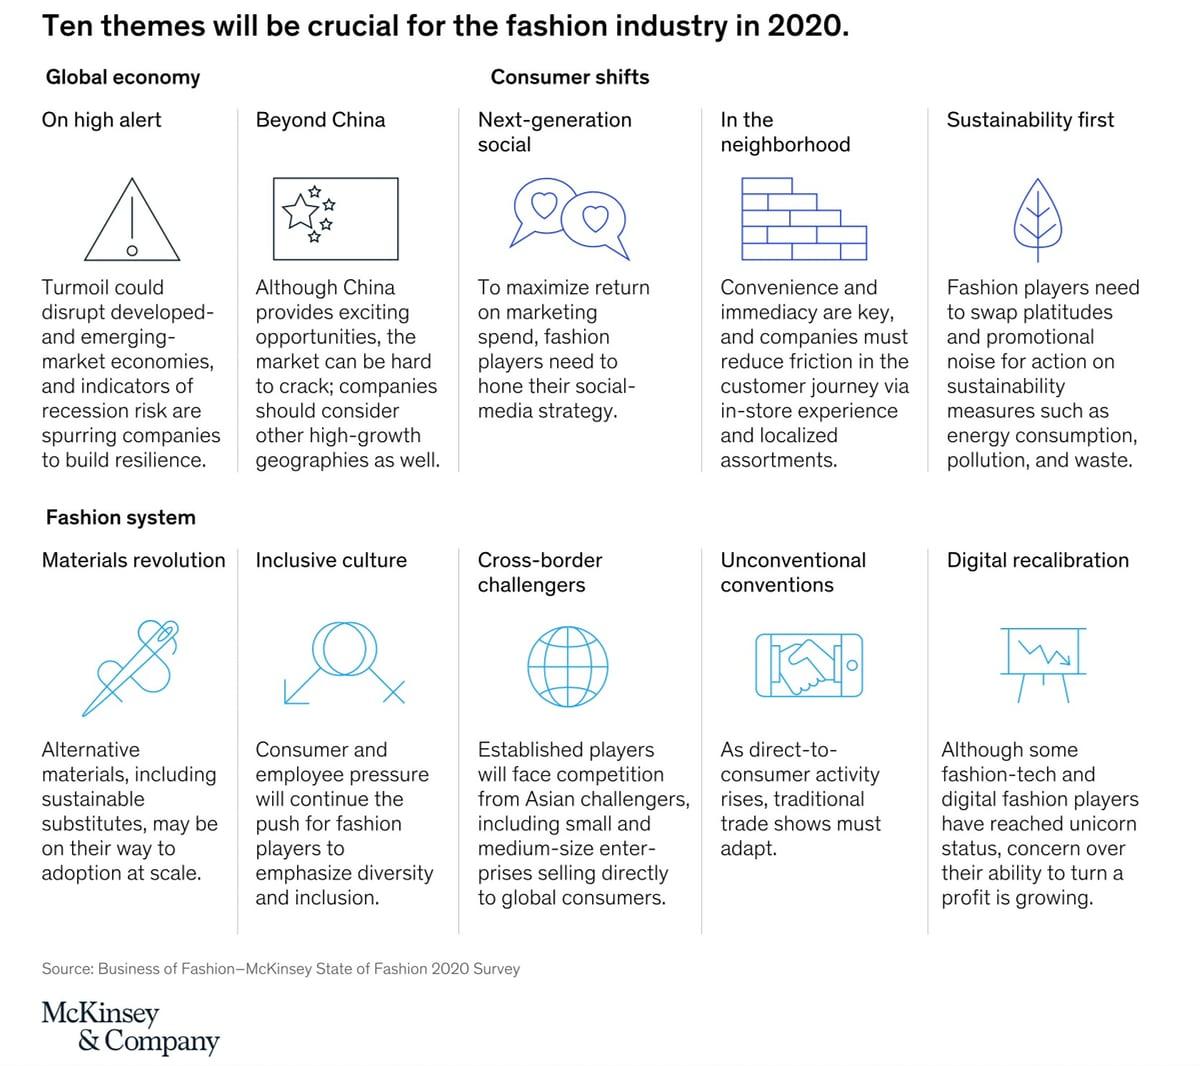 McKinsey Fashion Trends 2020